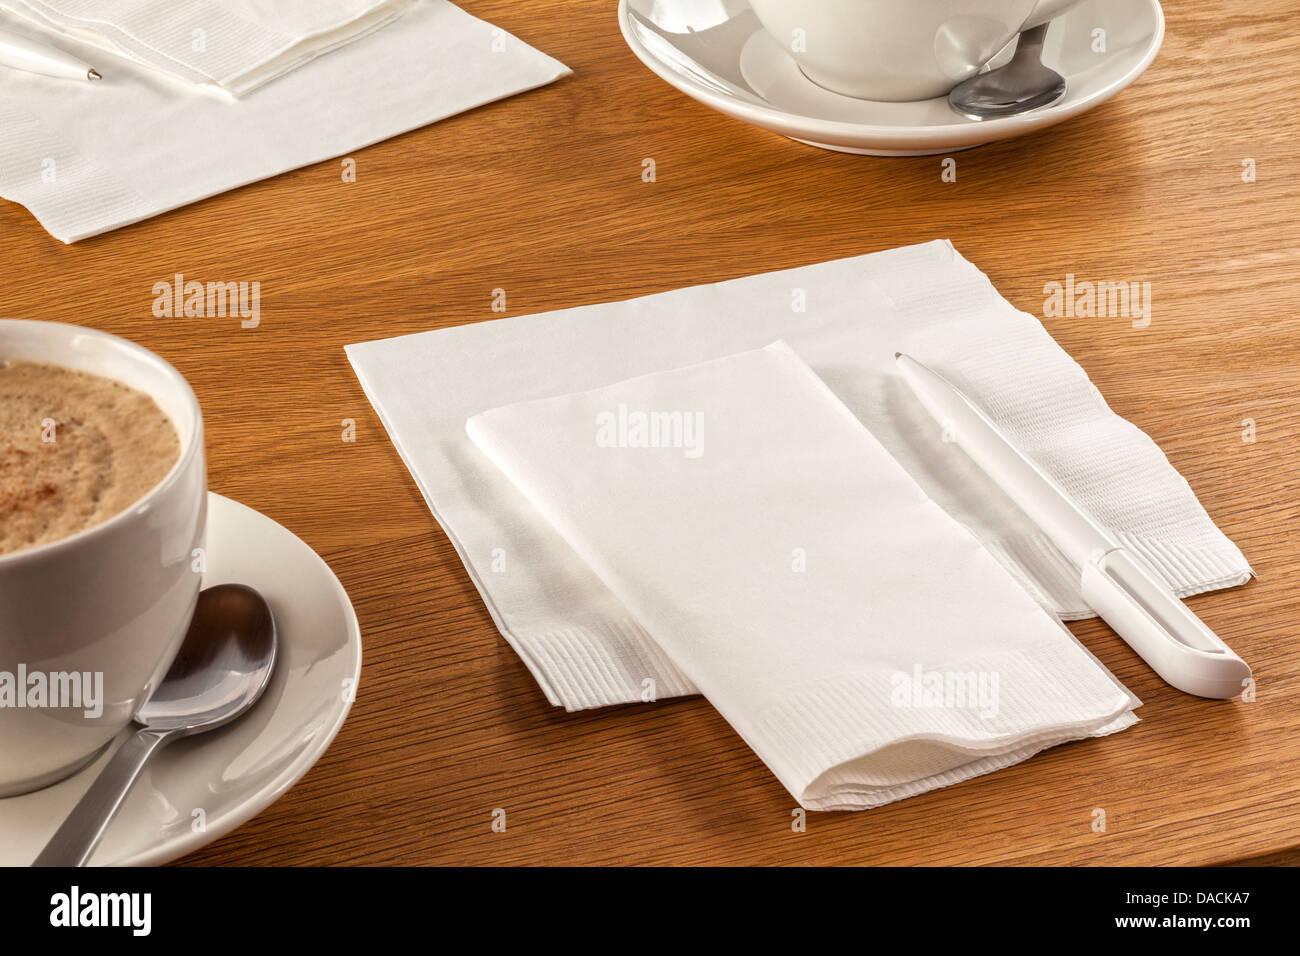 Serviette und Pen - Serviette oder Serviette und Stift auf Tisch, bereit sind, Ihre neueste großartige Idee zusammen Stockfoto